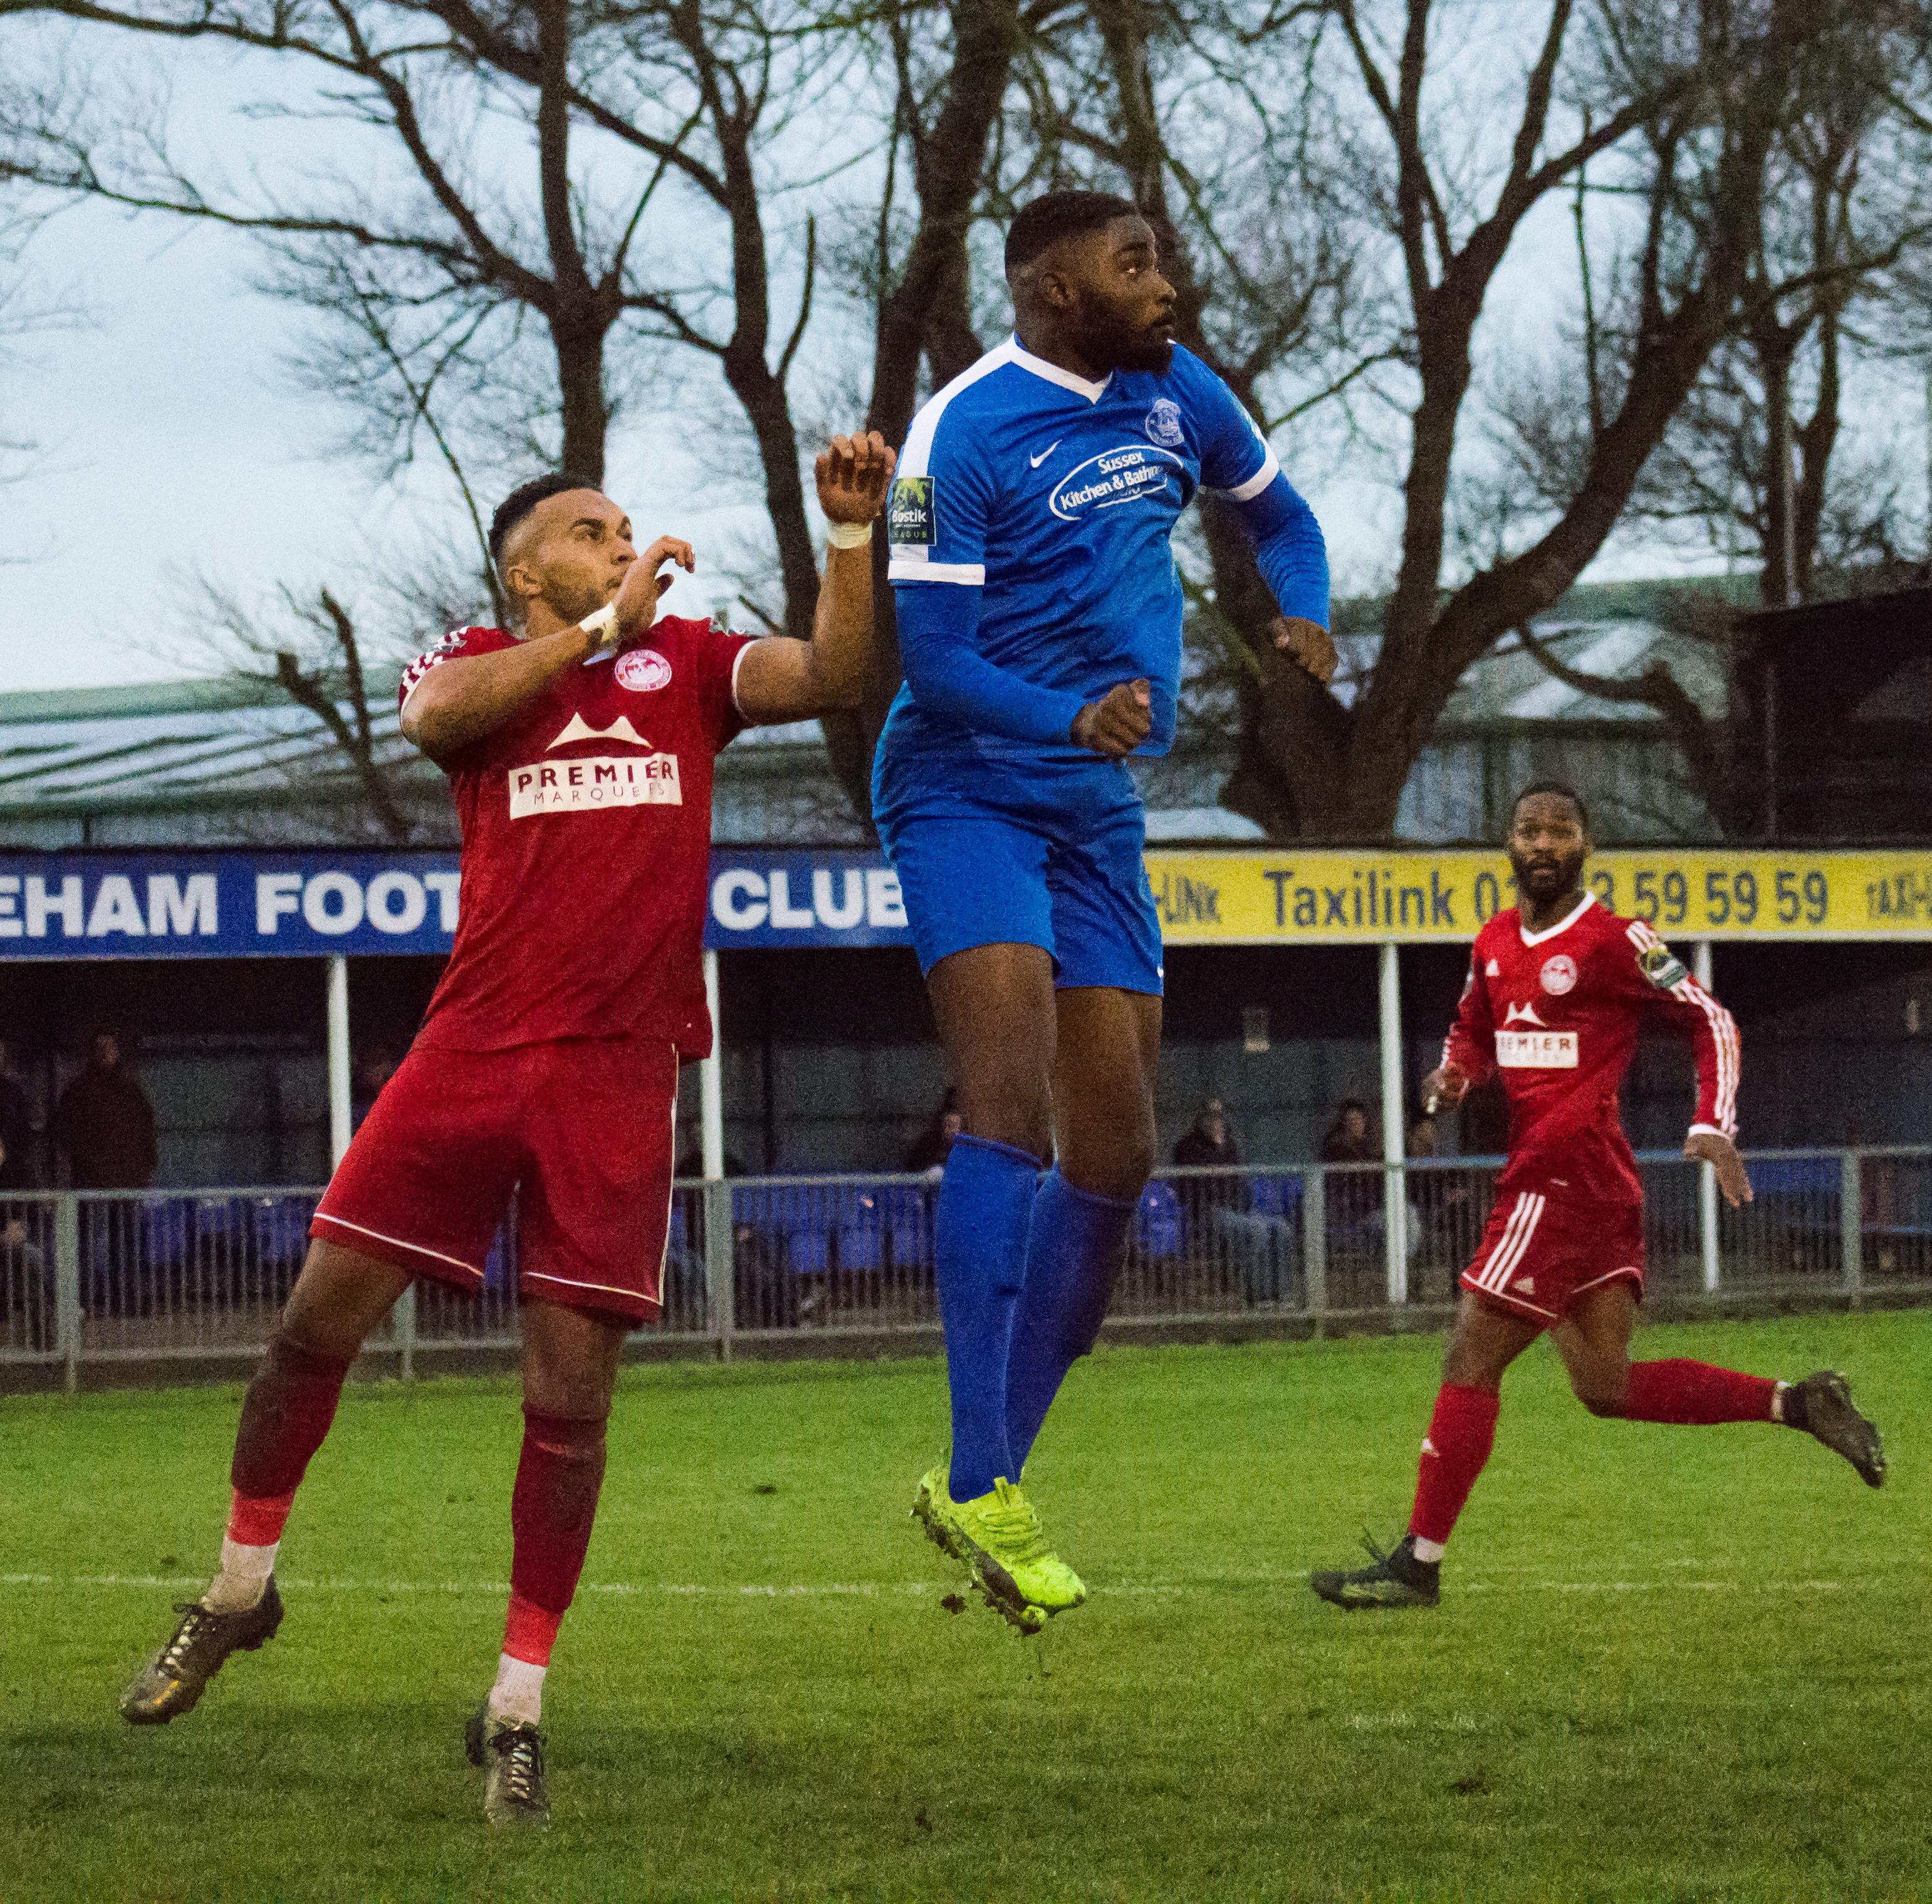 Shoreham FC vs Hythe Town 11.11.17 71